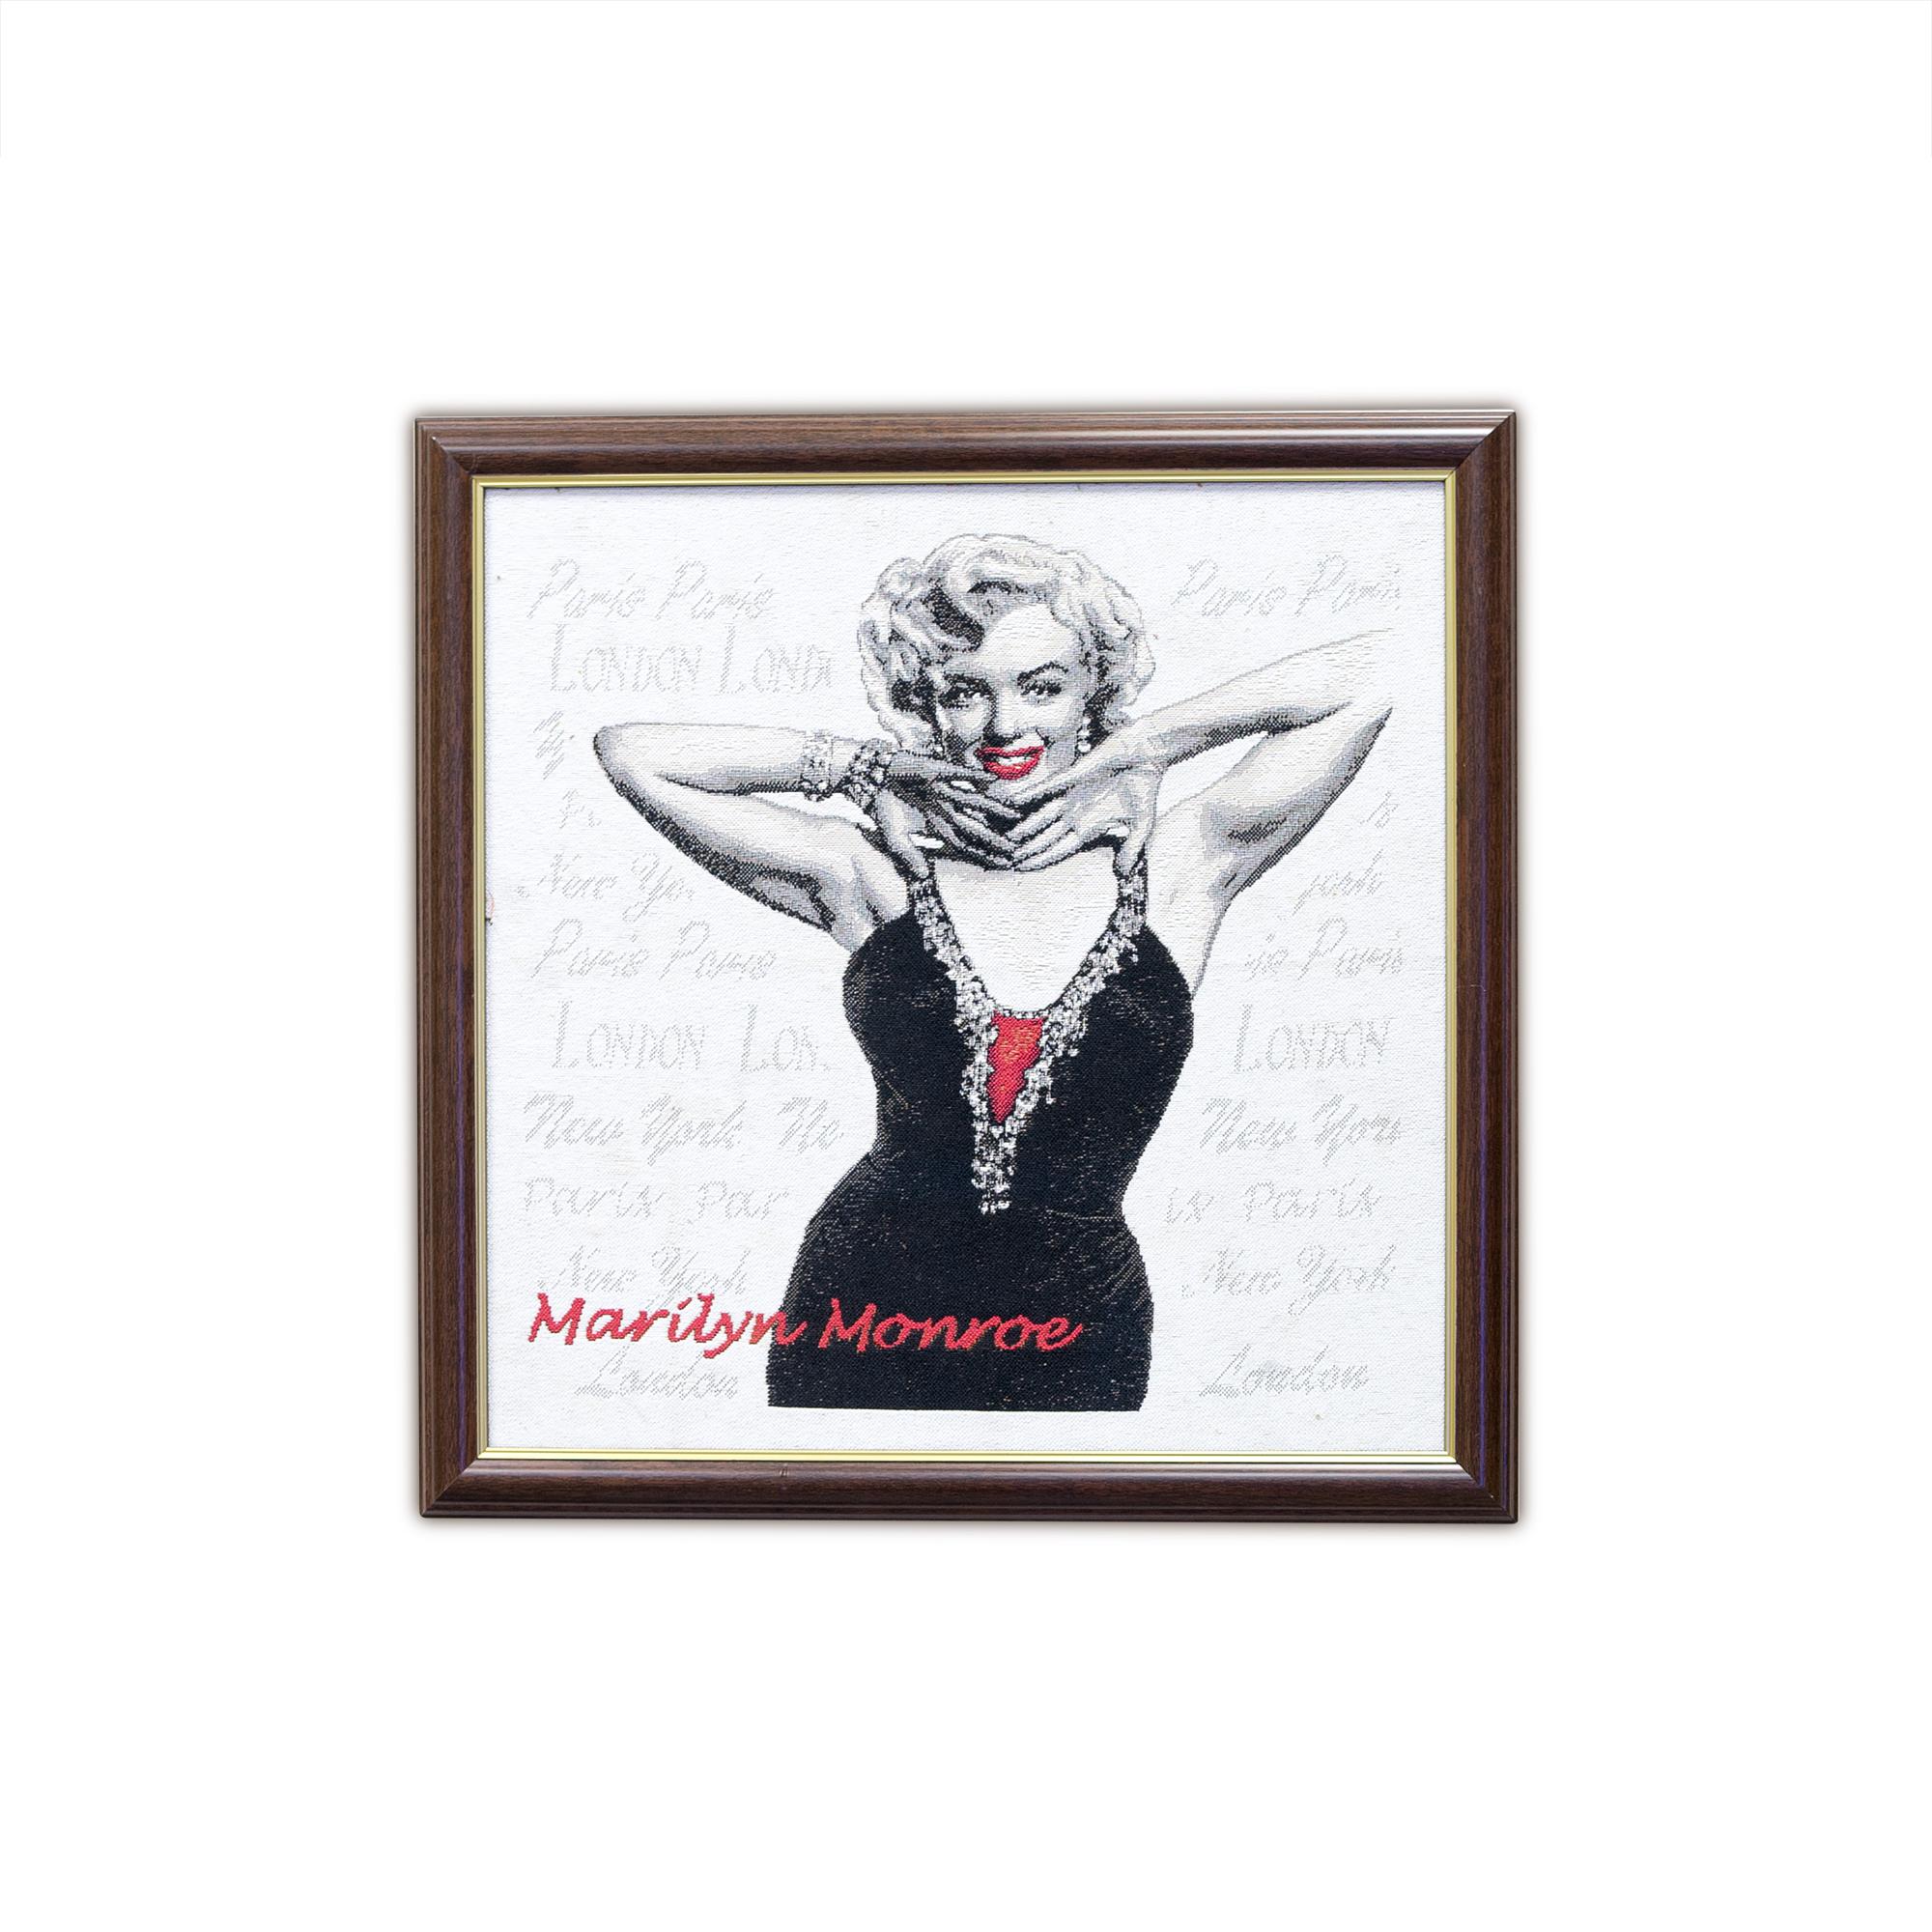 Купить Картины, постеры, гобелены, панно A La Gobelin, Картина Мэрлин Монро (44х44 см), Россия, Гобелен